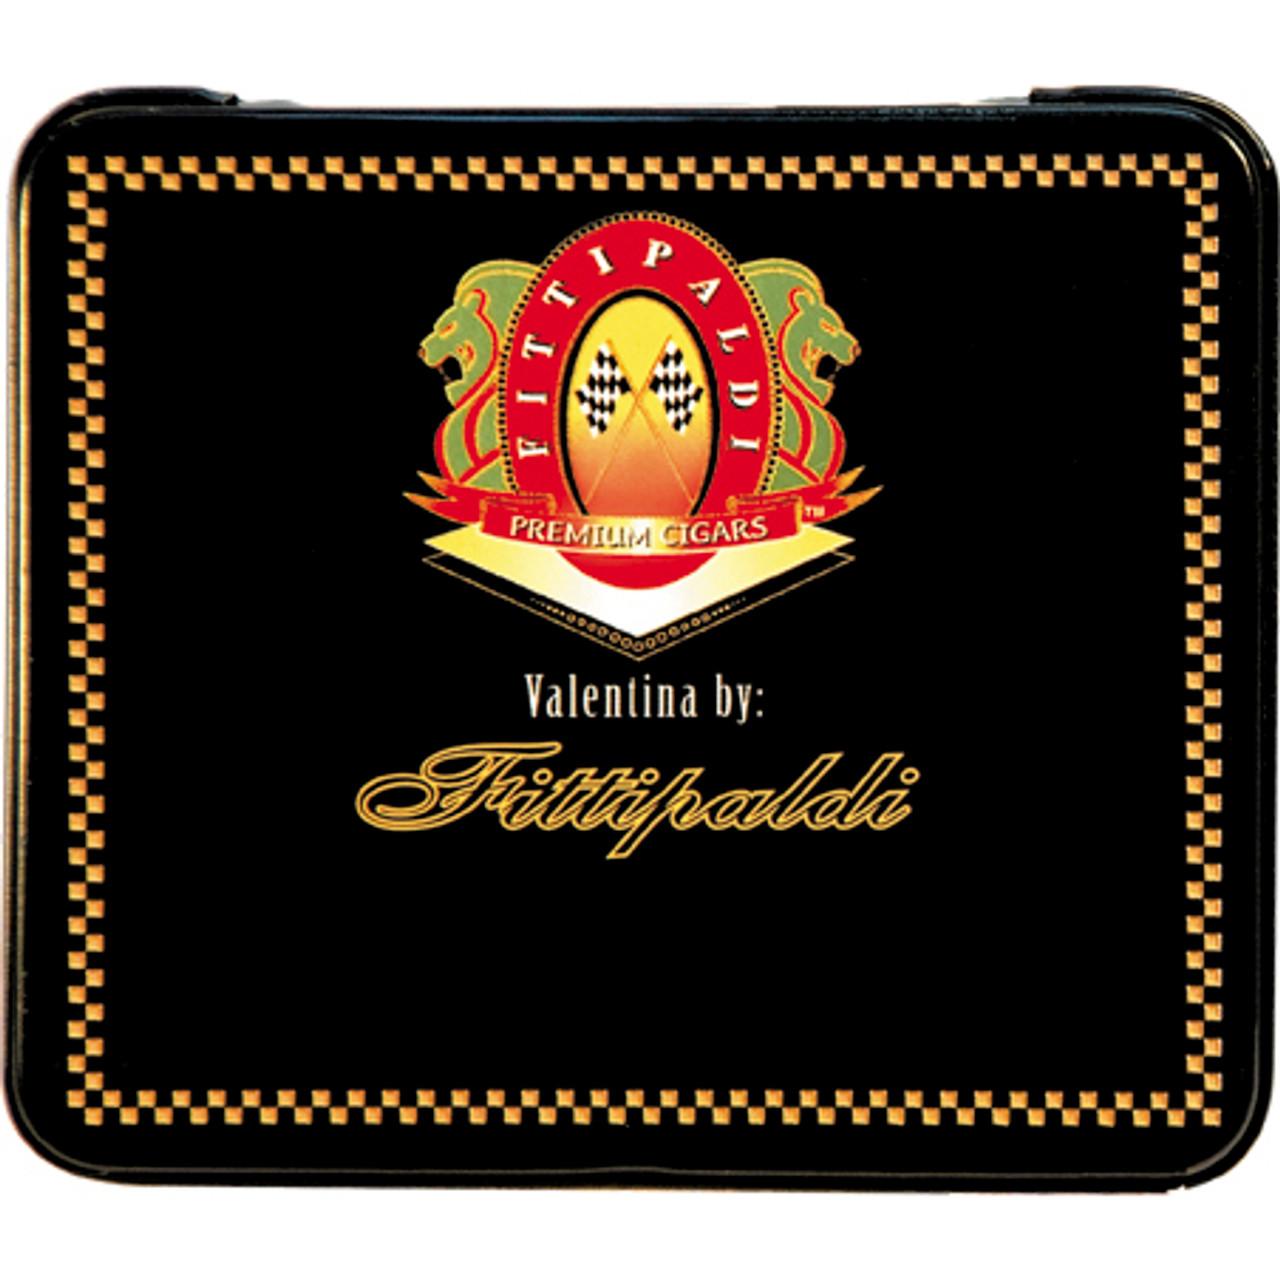 Fittipaldi Valentina Natural Cigars - 3 3/8 x 22 (5 Tins of 13)